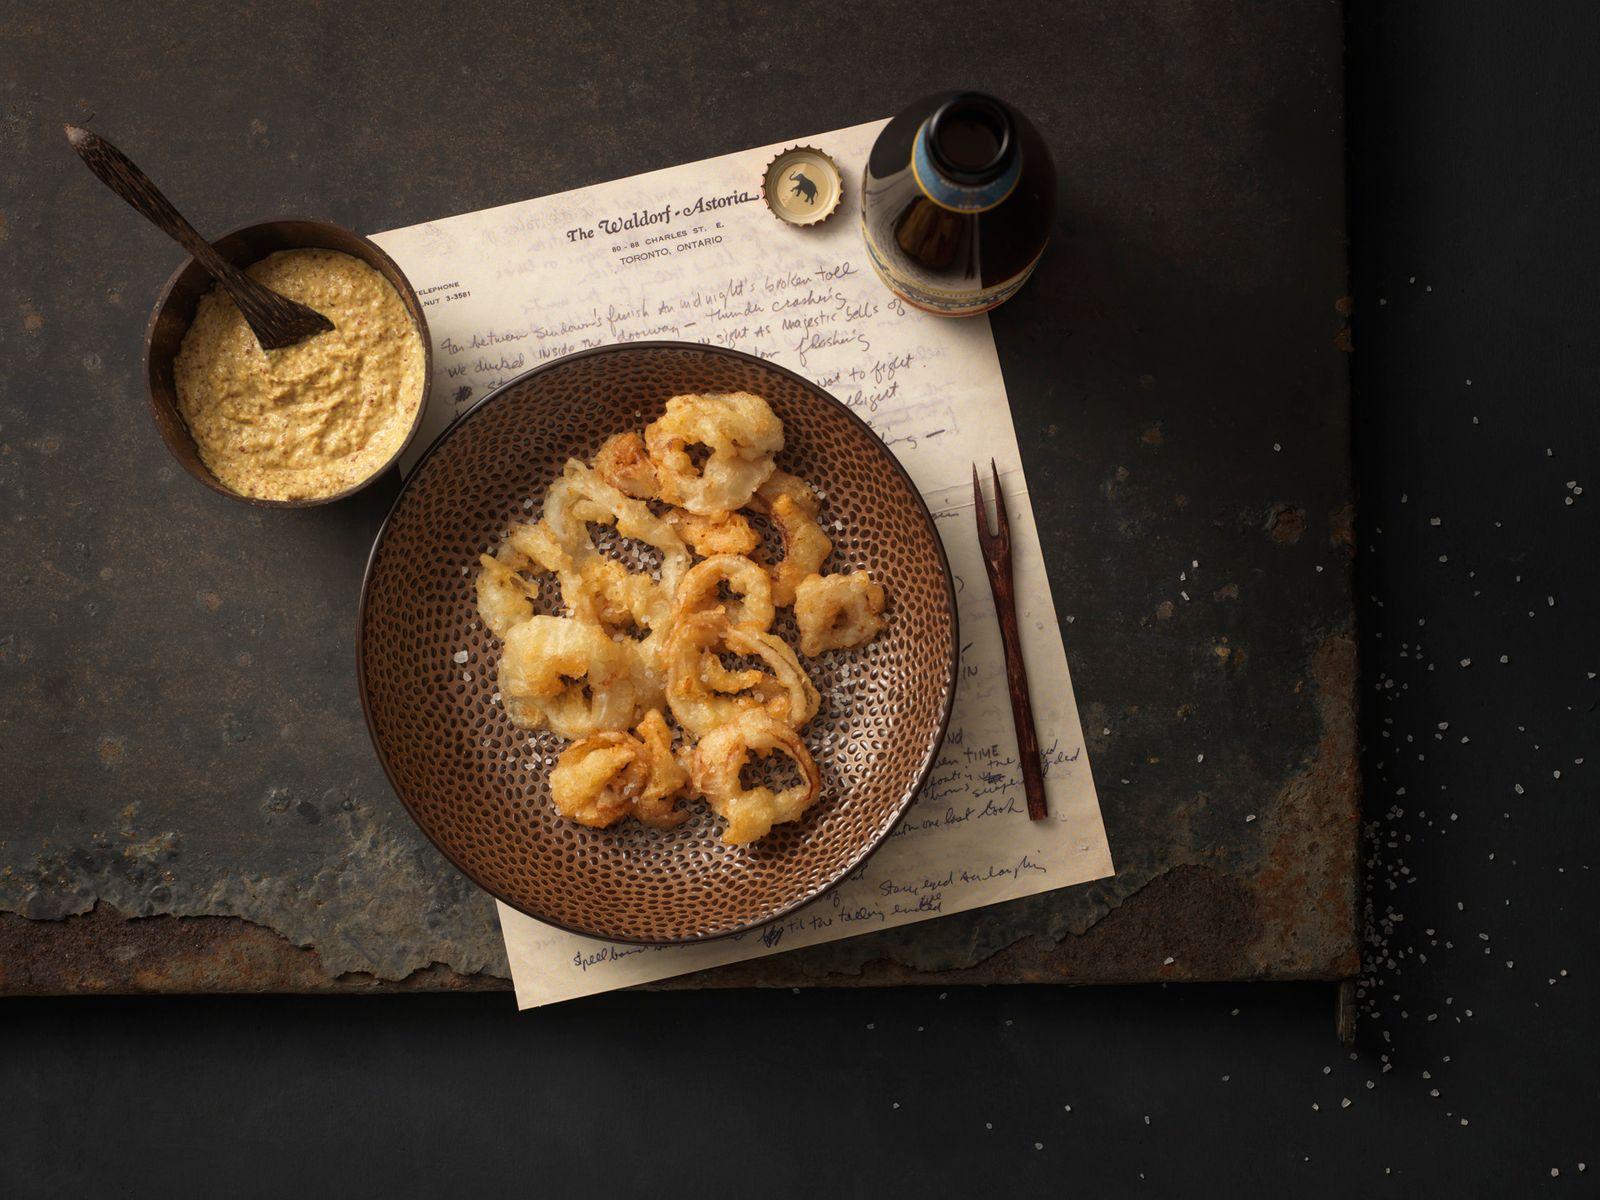 Food Fotografie Uienringen-robertpeekfotografie